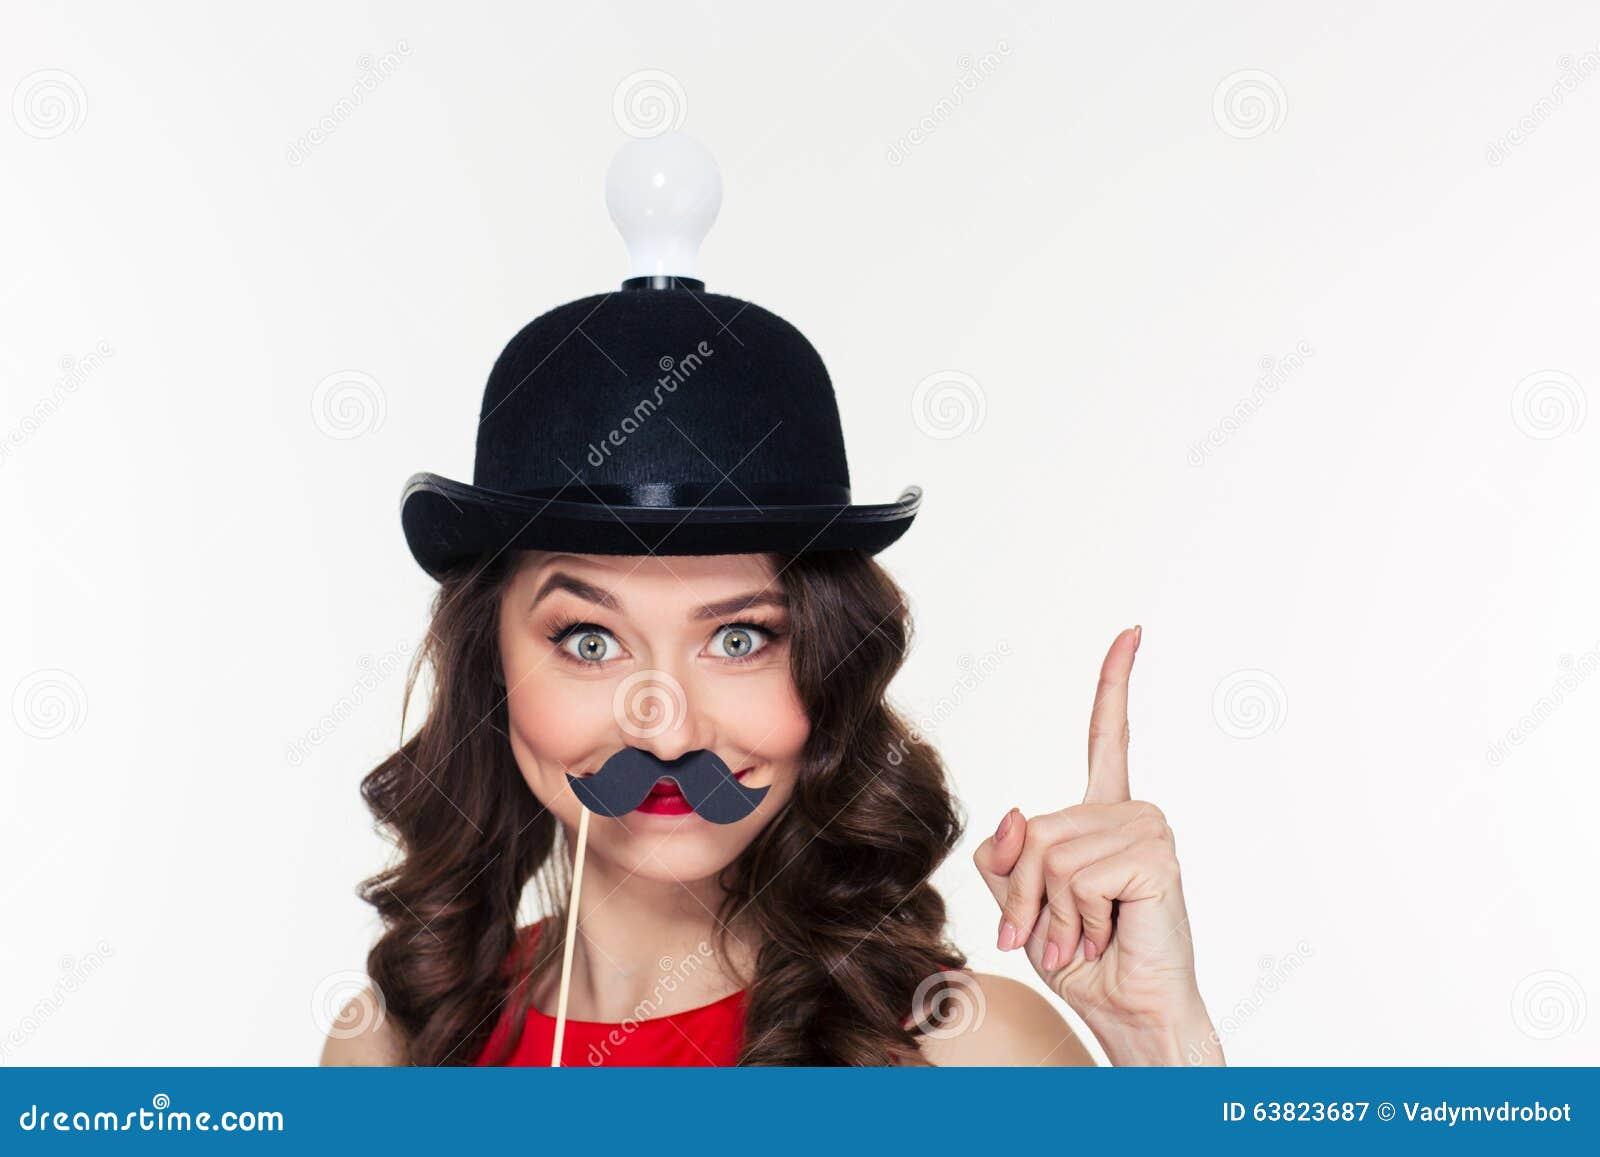 Κορίτσι στο καπέλο με τη λάμπα φωτός που χρησιμοποιεί τα πλαστά στηρίγματα moustache